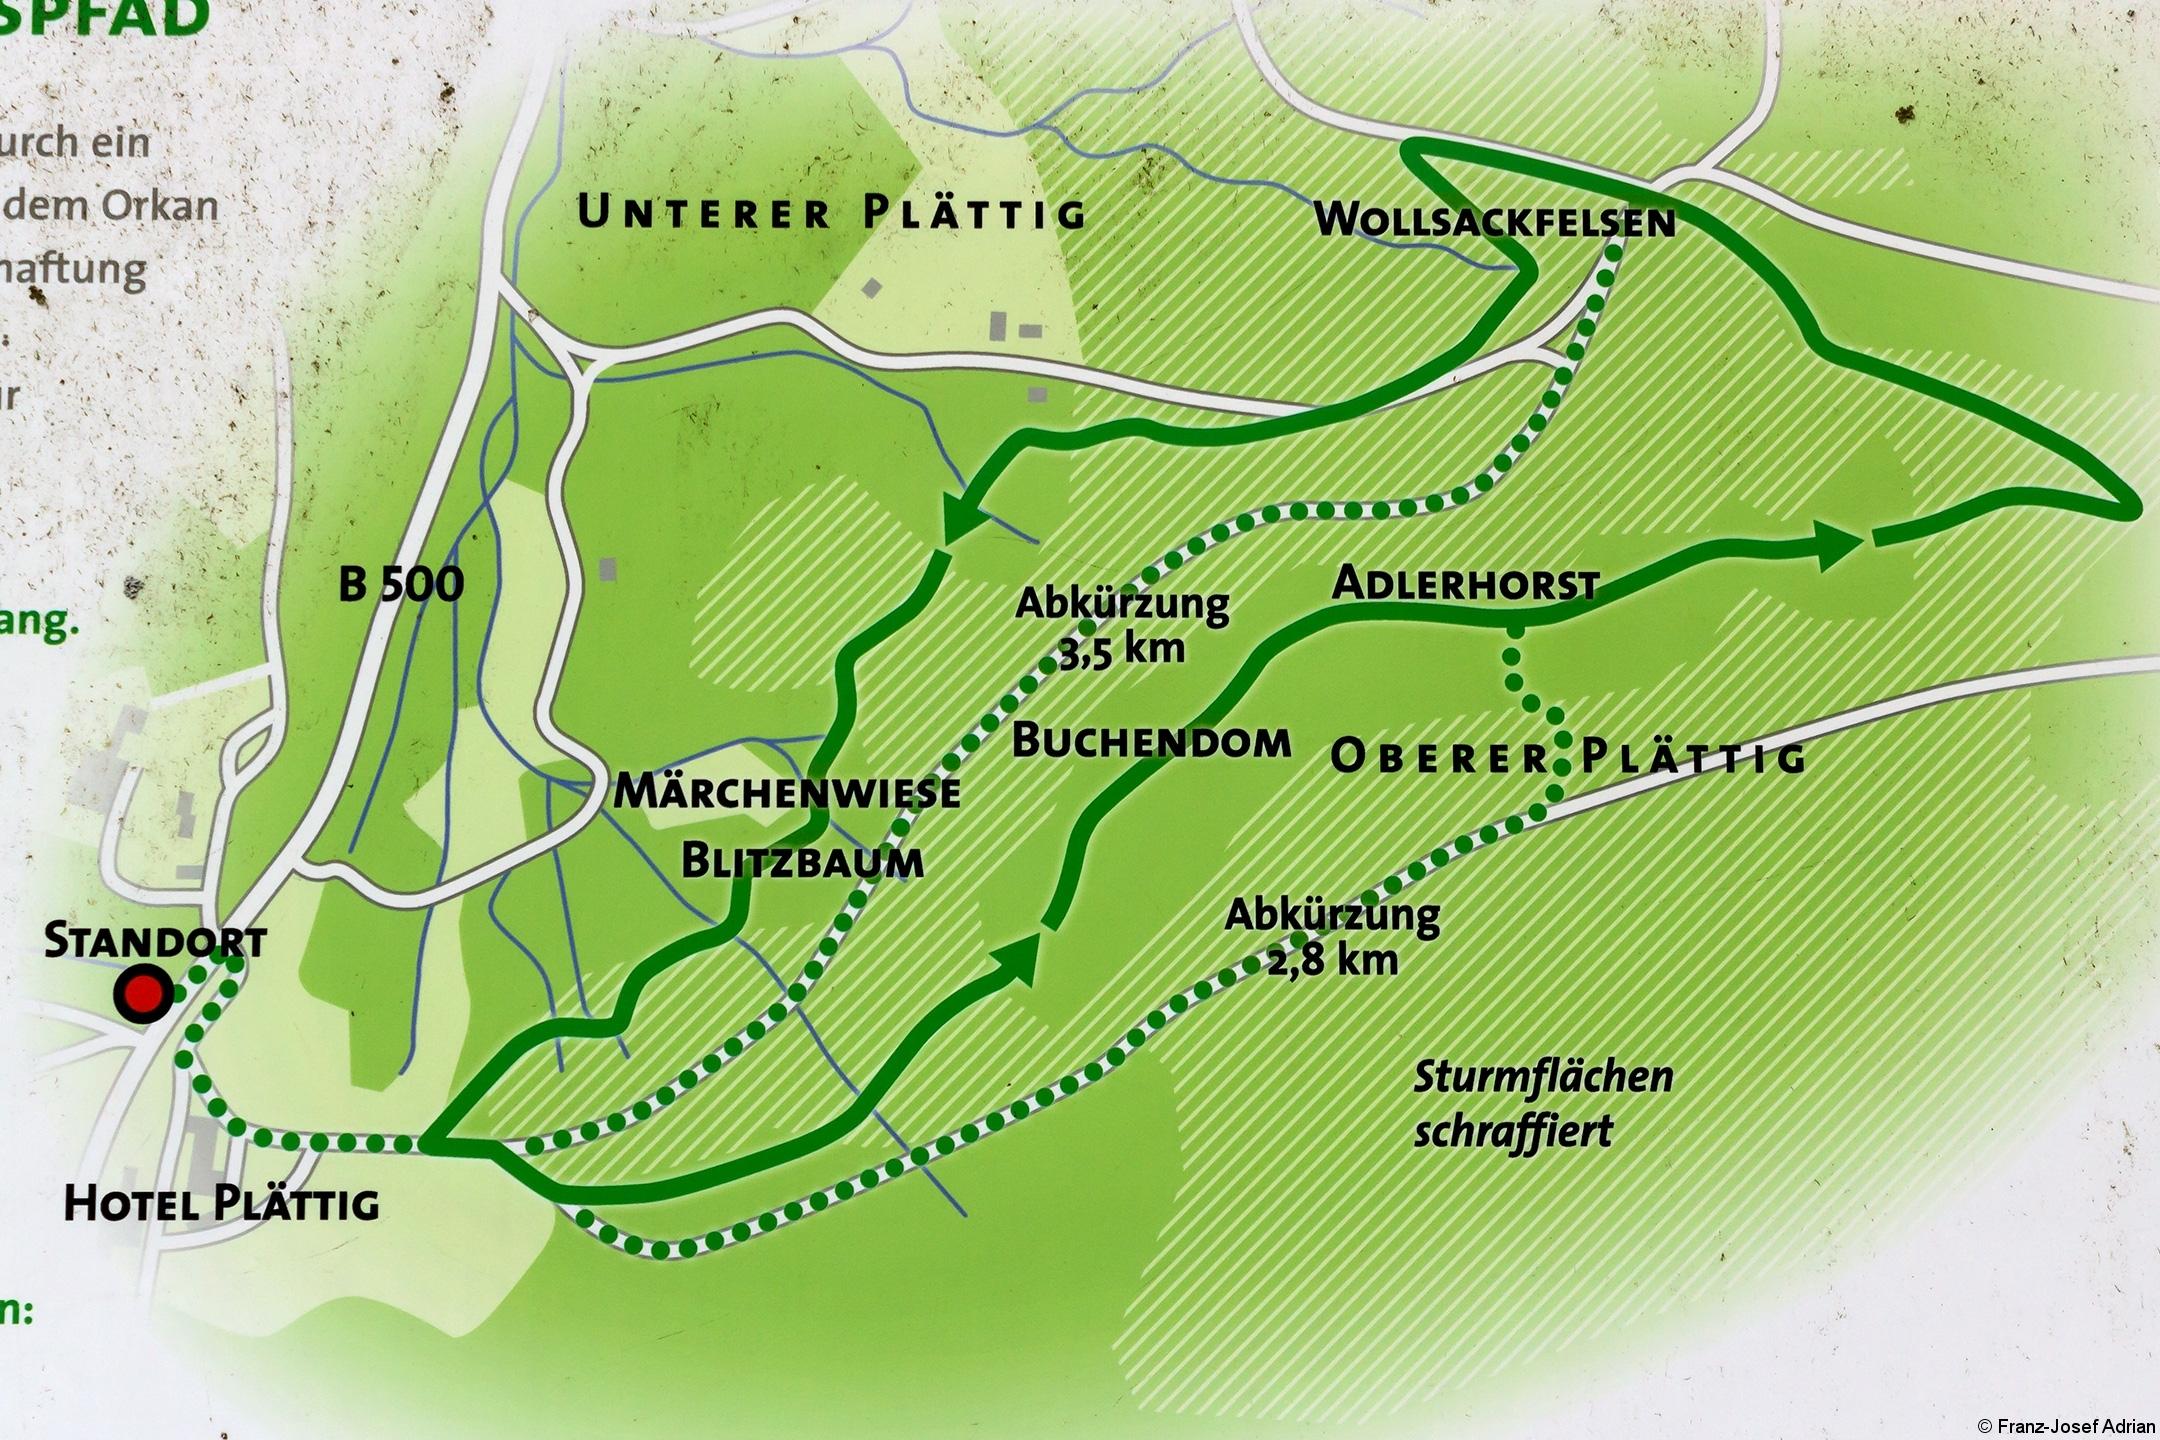 Wildnispfad_Karte